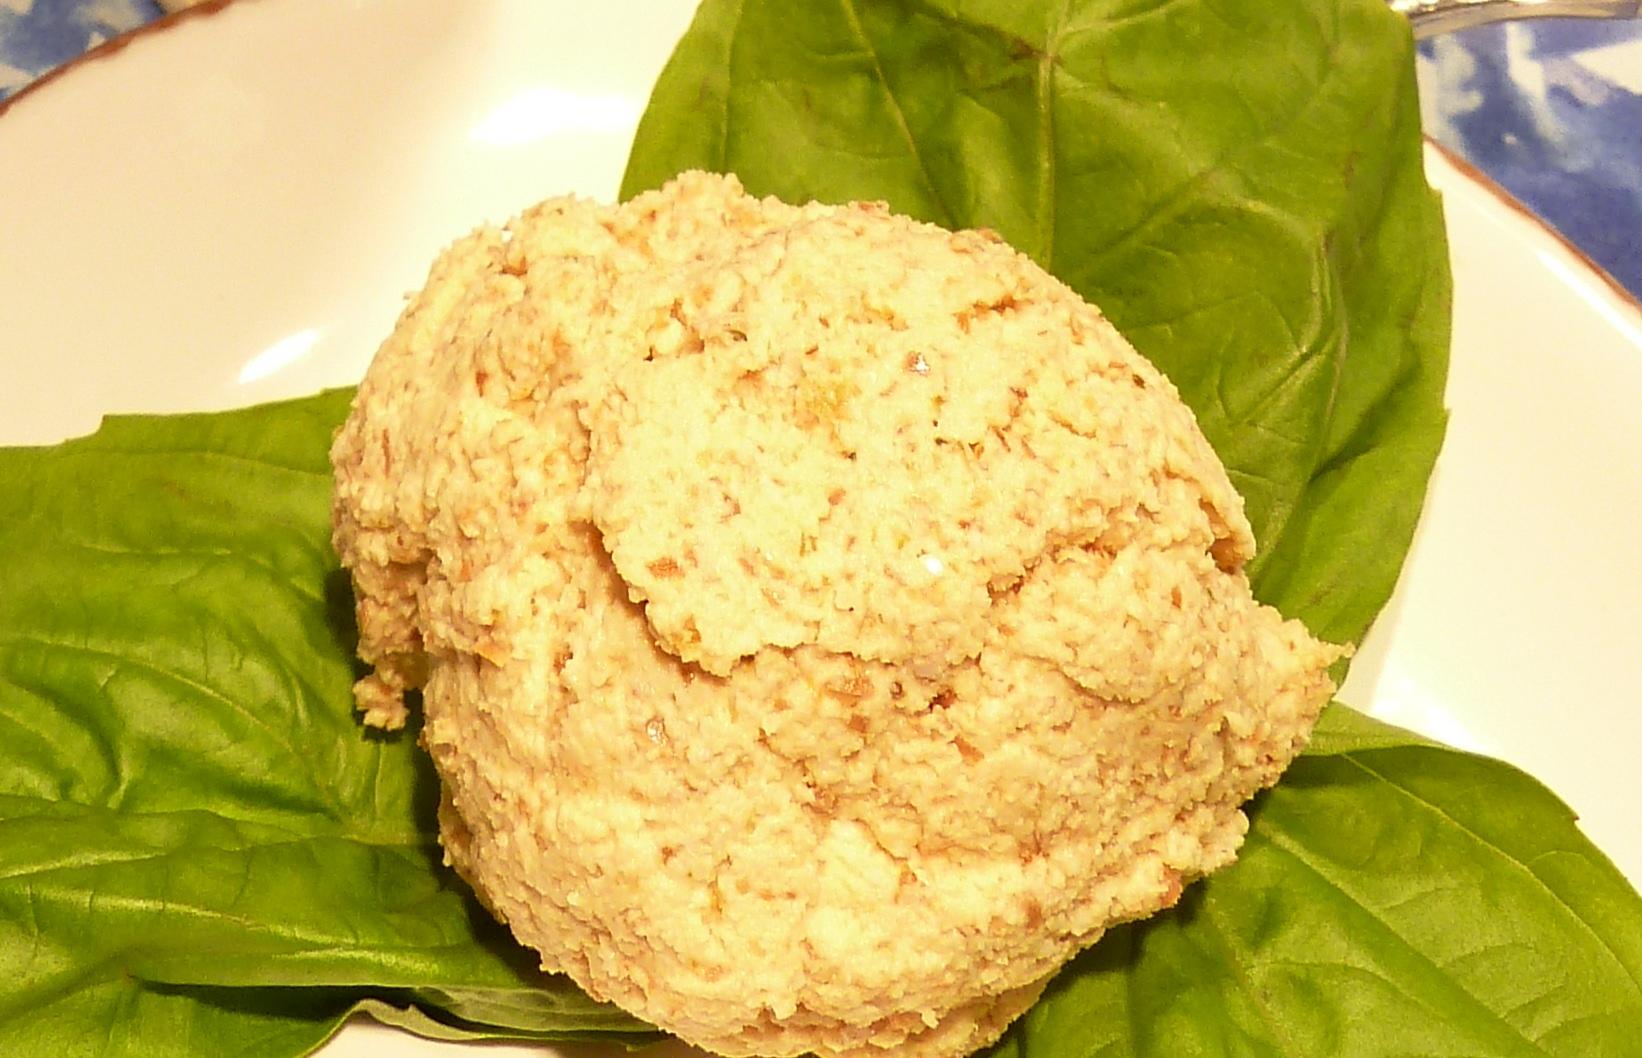 Raw Nut Meat